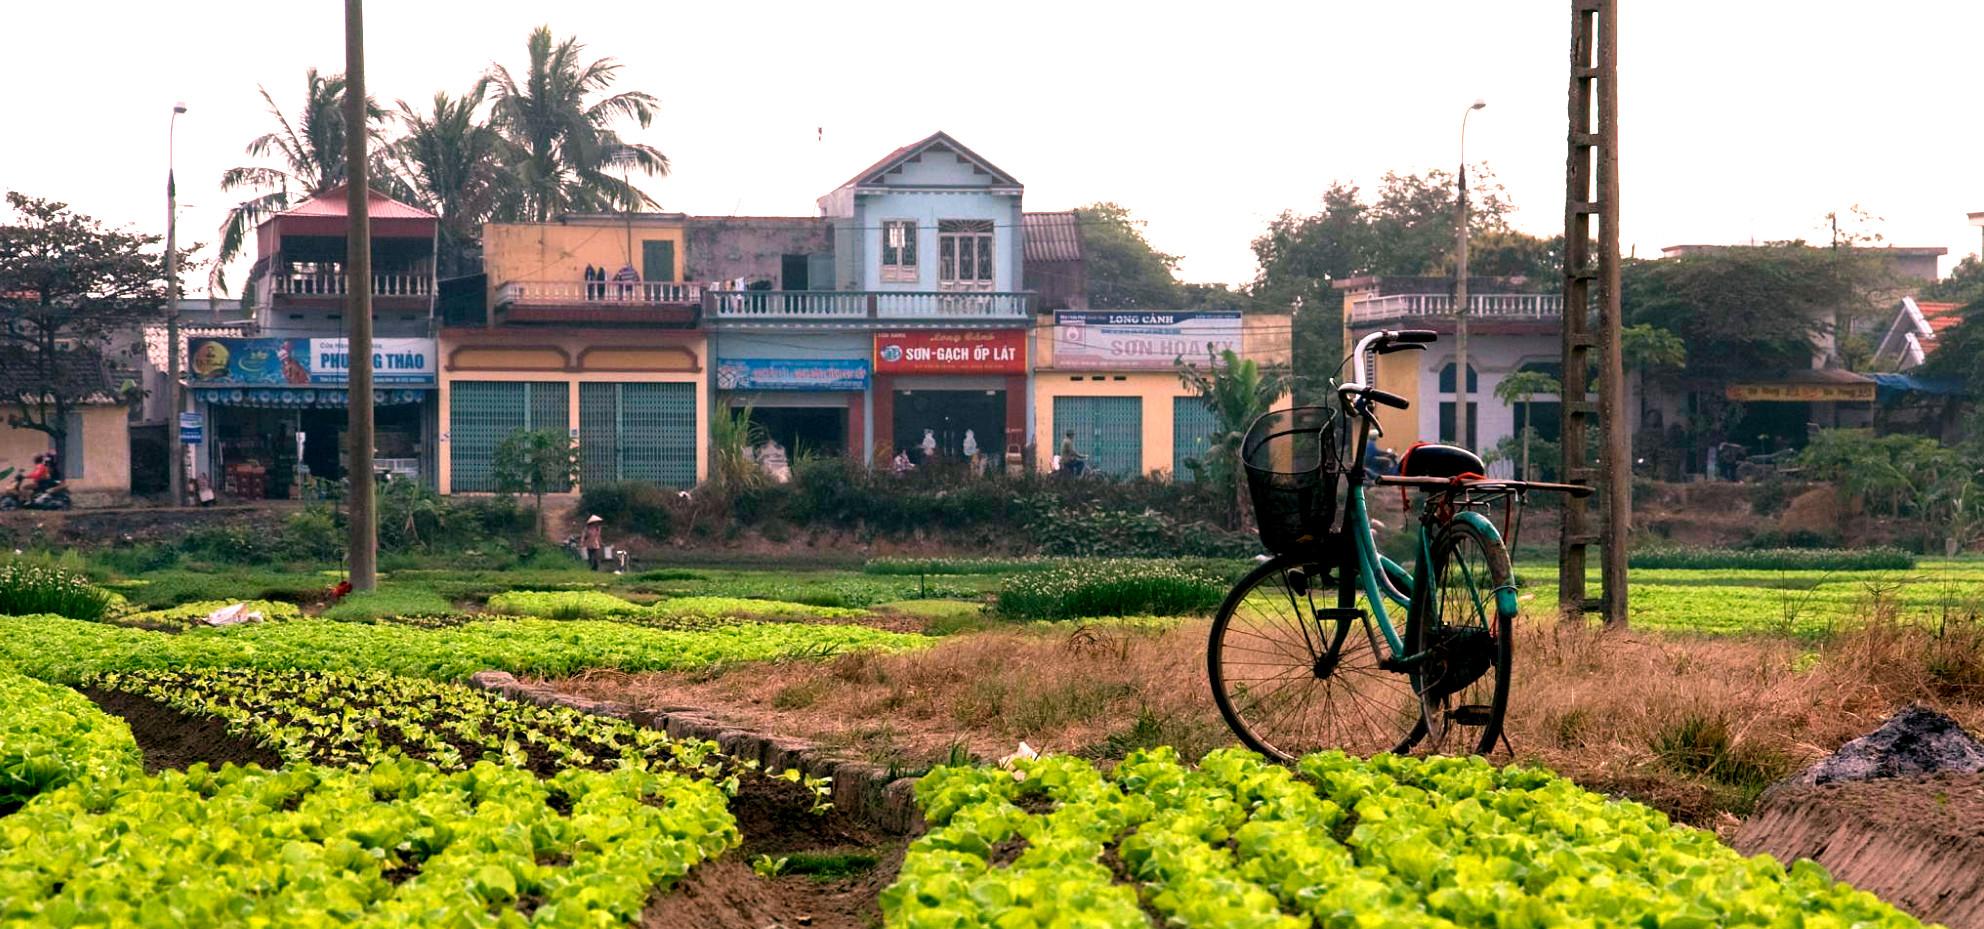 Parcourir 5000 km à vélo pour découvrir l'agriculture urbaine aux Etats-Unis et au Canada, c'est le projet d'« Agrovelocity ».